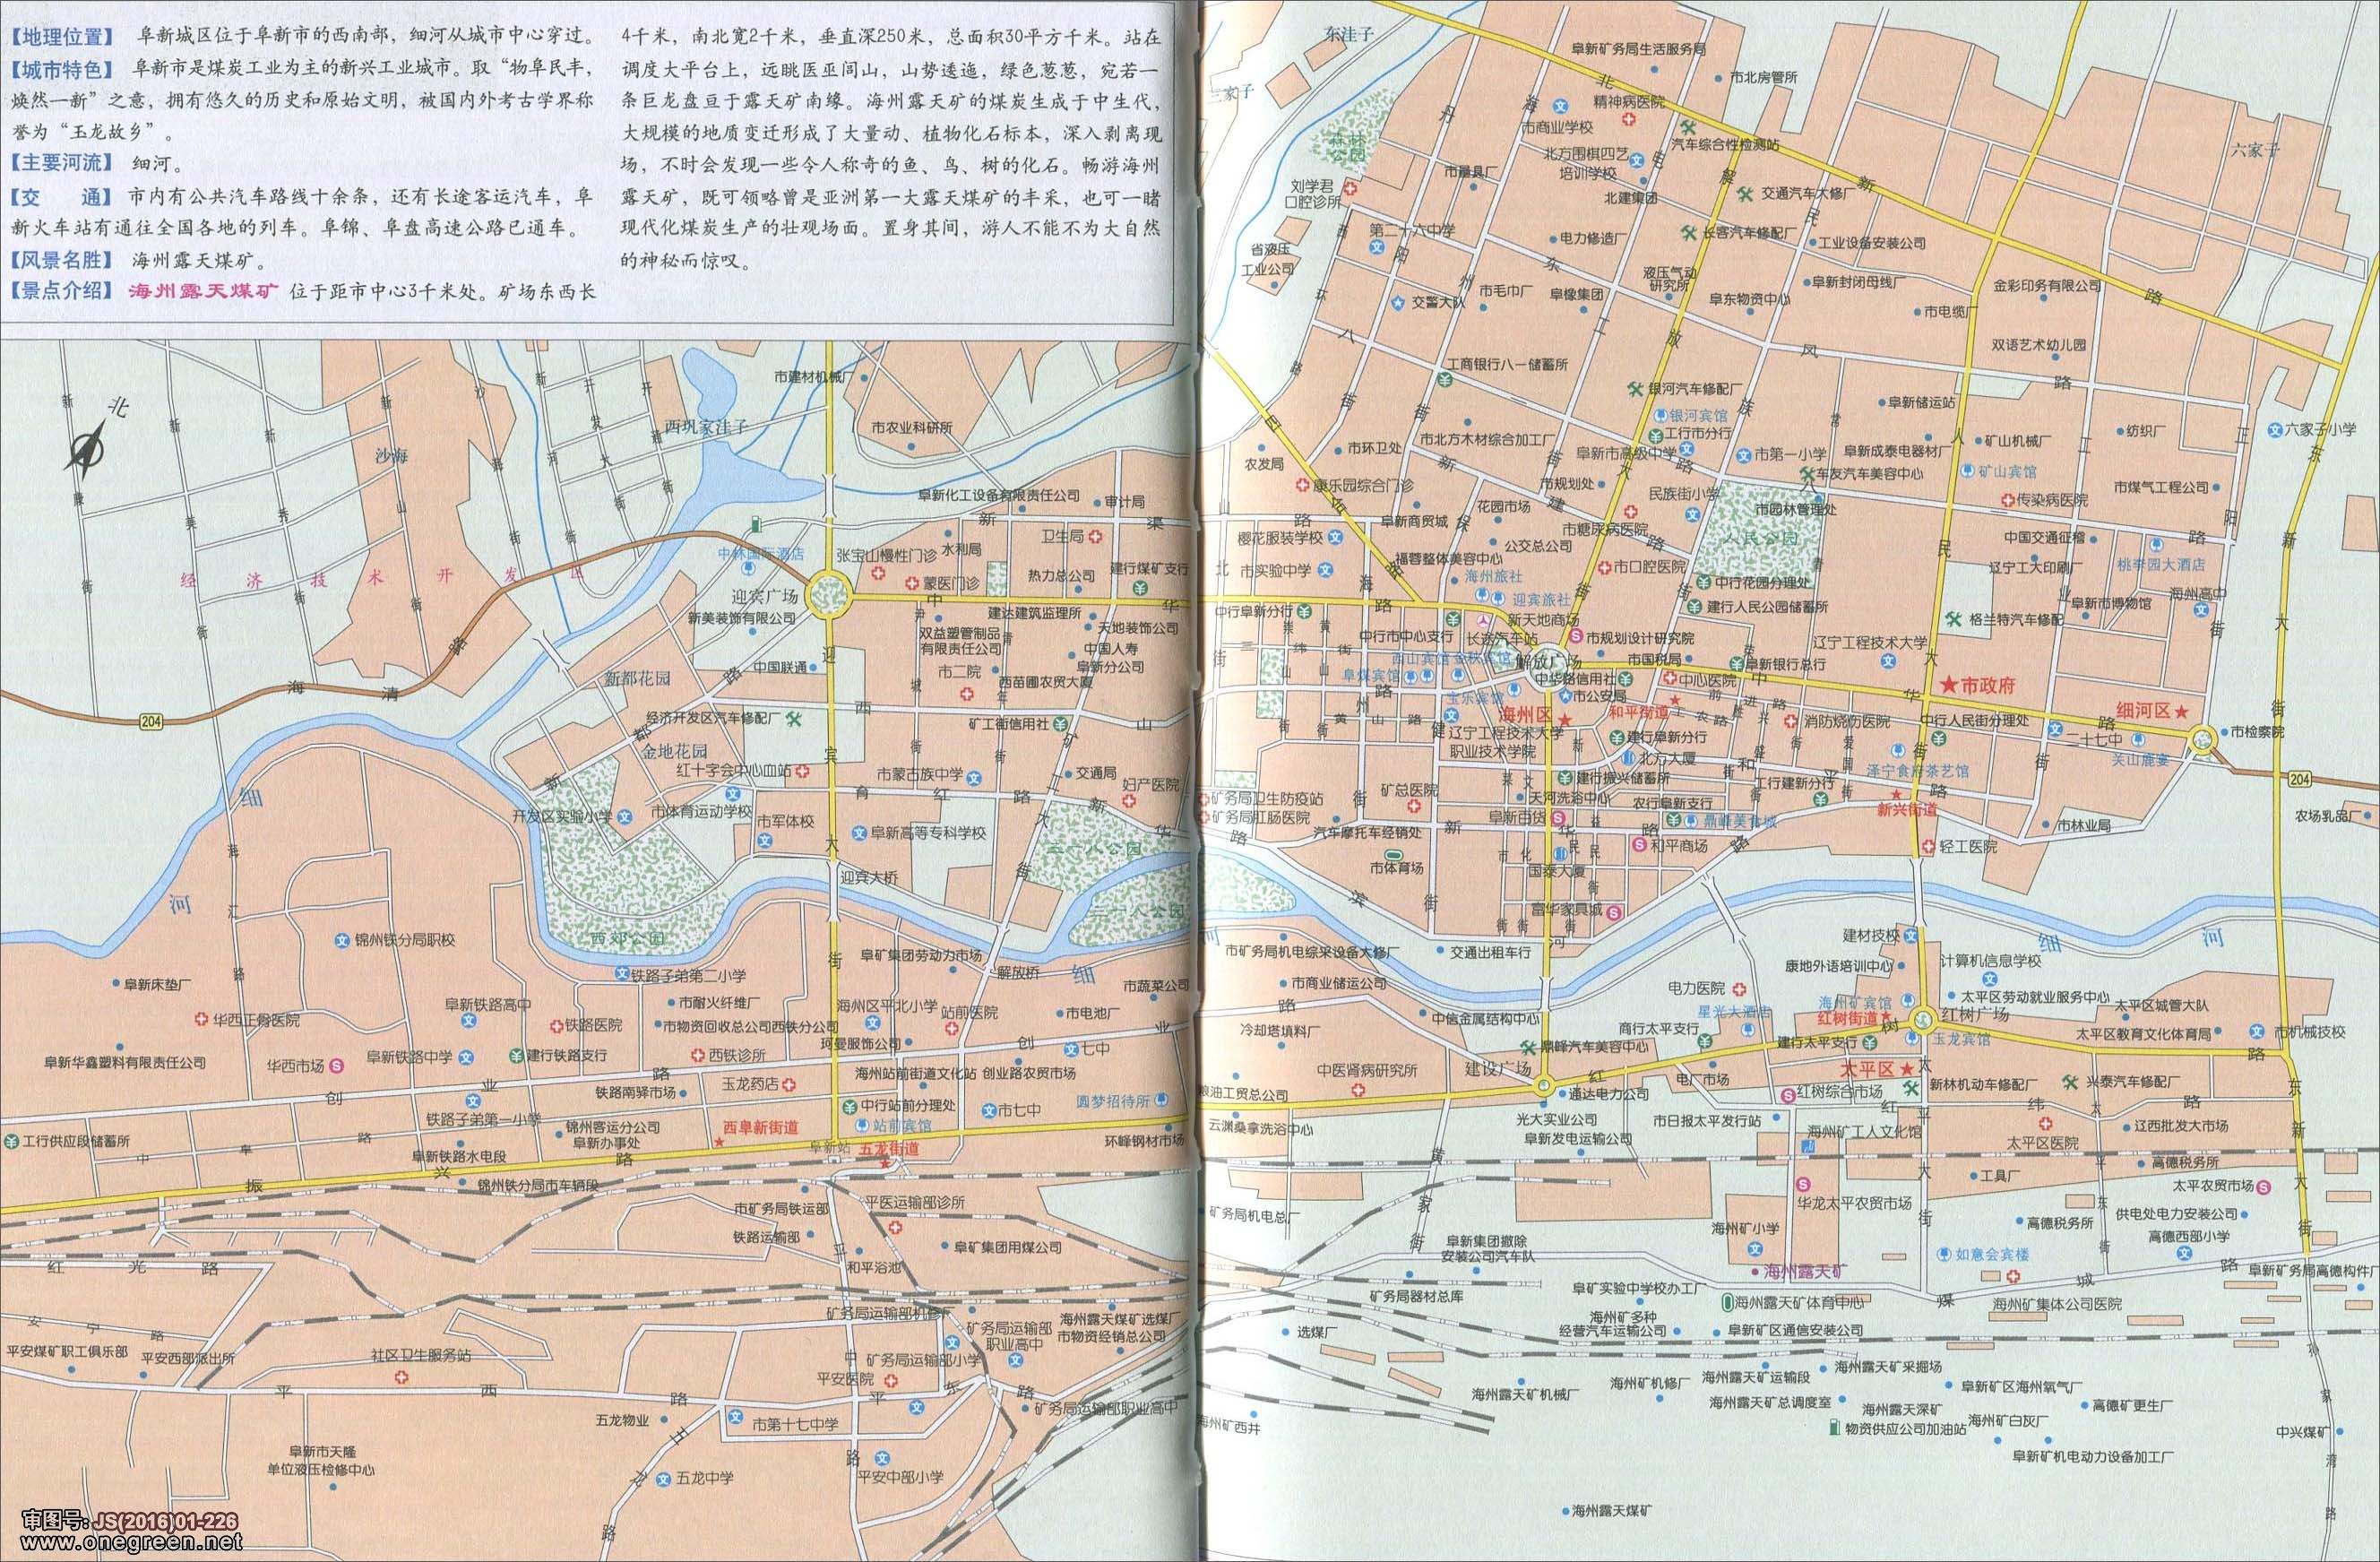 营口  阜新  辽阳  盘锦  铁岭  朝阳  葫芦岛 上一张地图: 阜新市